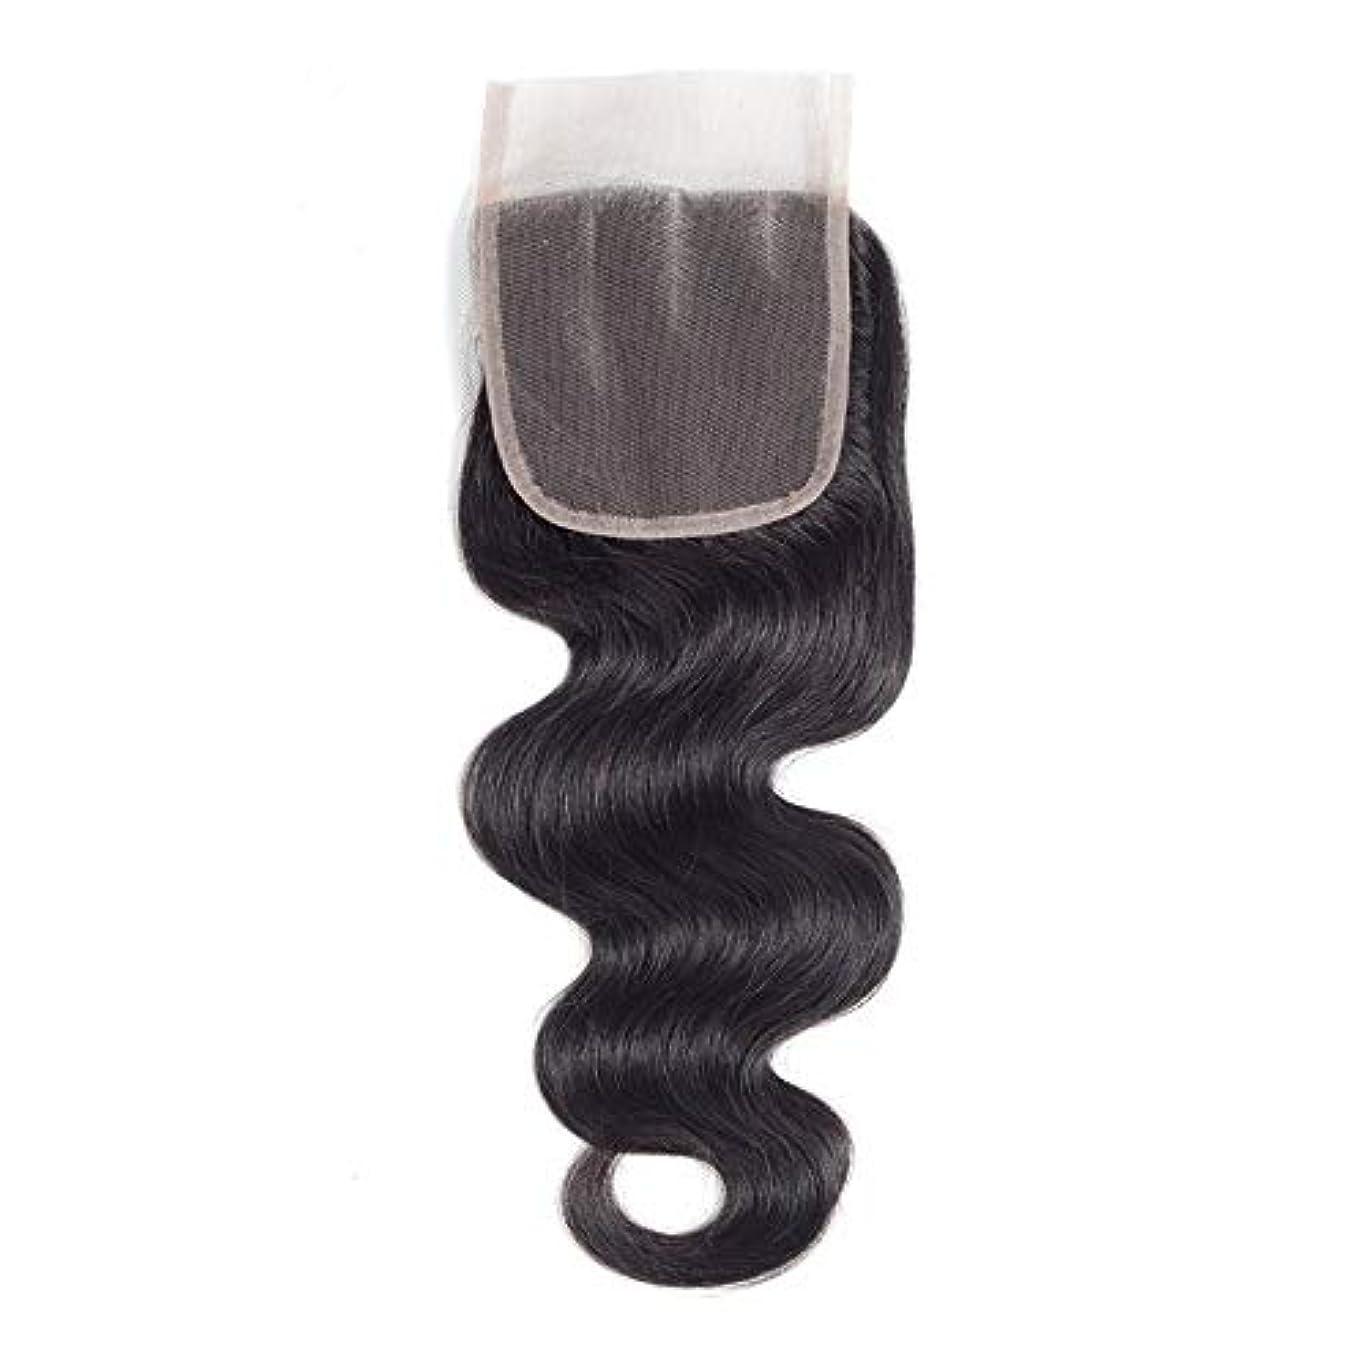 落花生の前で類似性HOHYLLYA ブラジル実体波巻き毛4 x 4インチレース閉鎖無料部分100%本物の人間の髪の毛の自然な色(8インチ-20インチ)長い巻き毛のかつら、 (色 : 黒, サイズ : 16 inch)